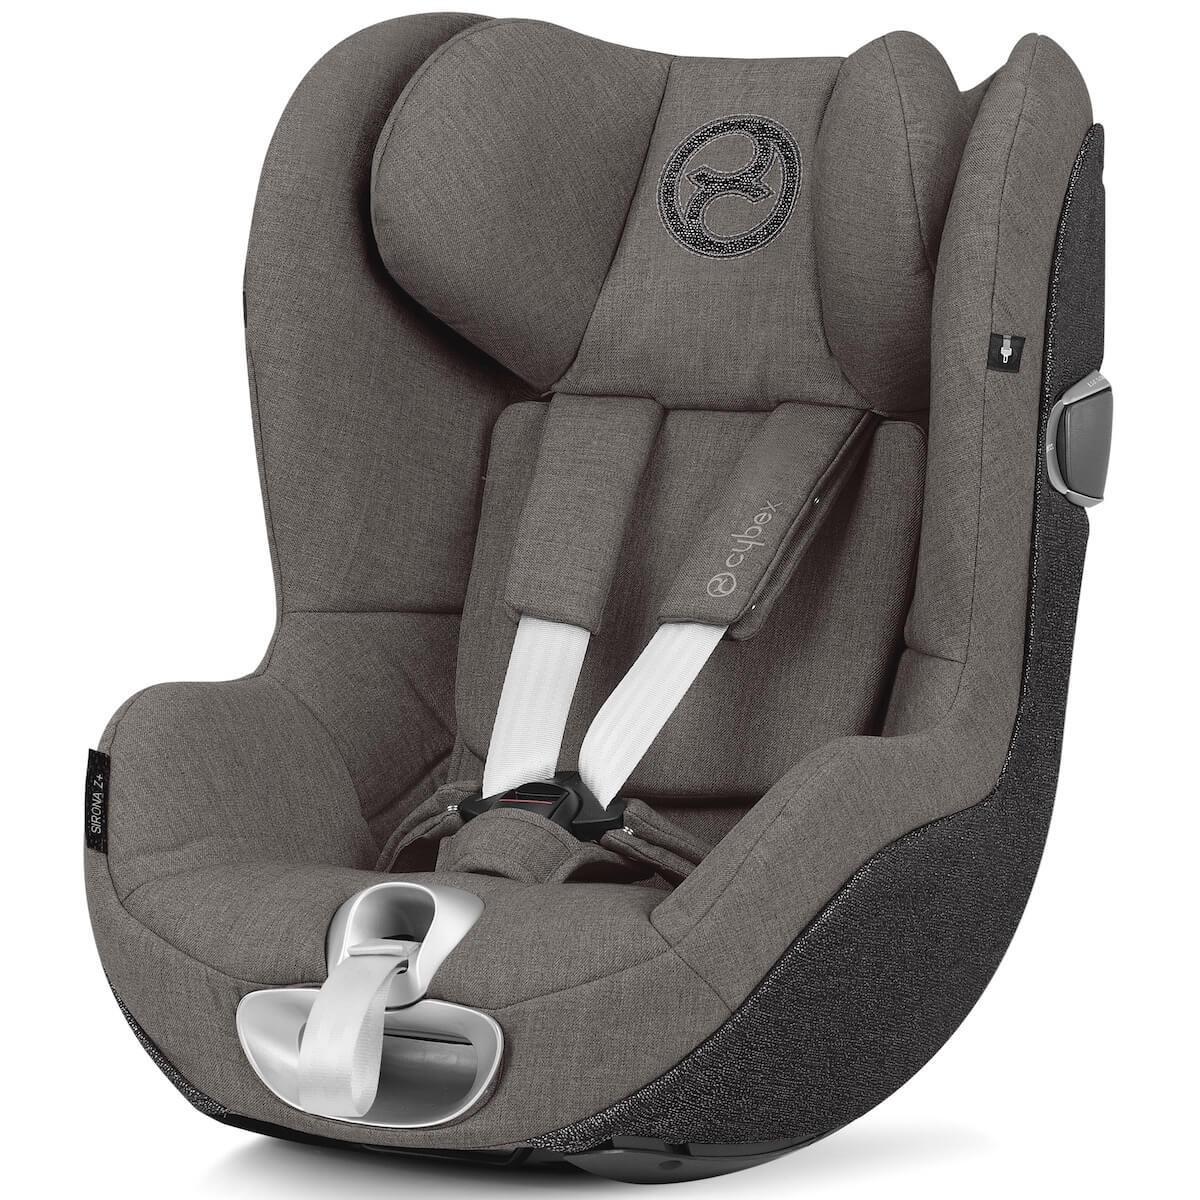 Siège auto gr0+/1 SIRONA Z I-SIZE PLUS Cybex Soho grey-mid grey